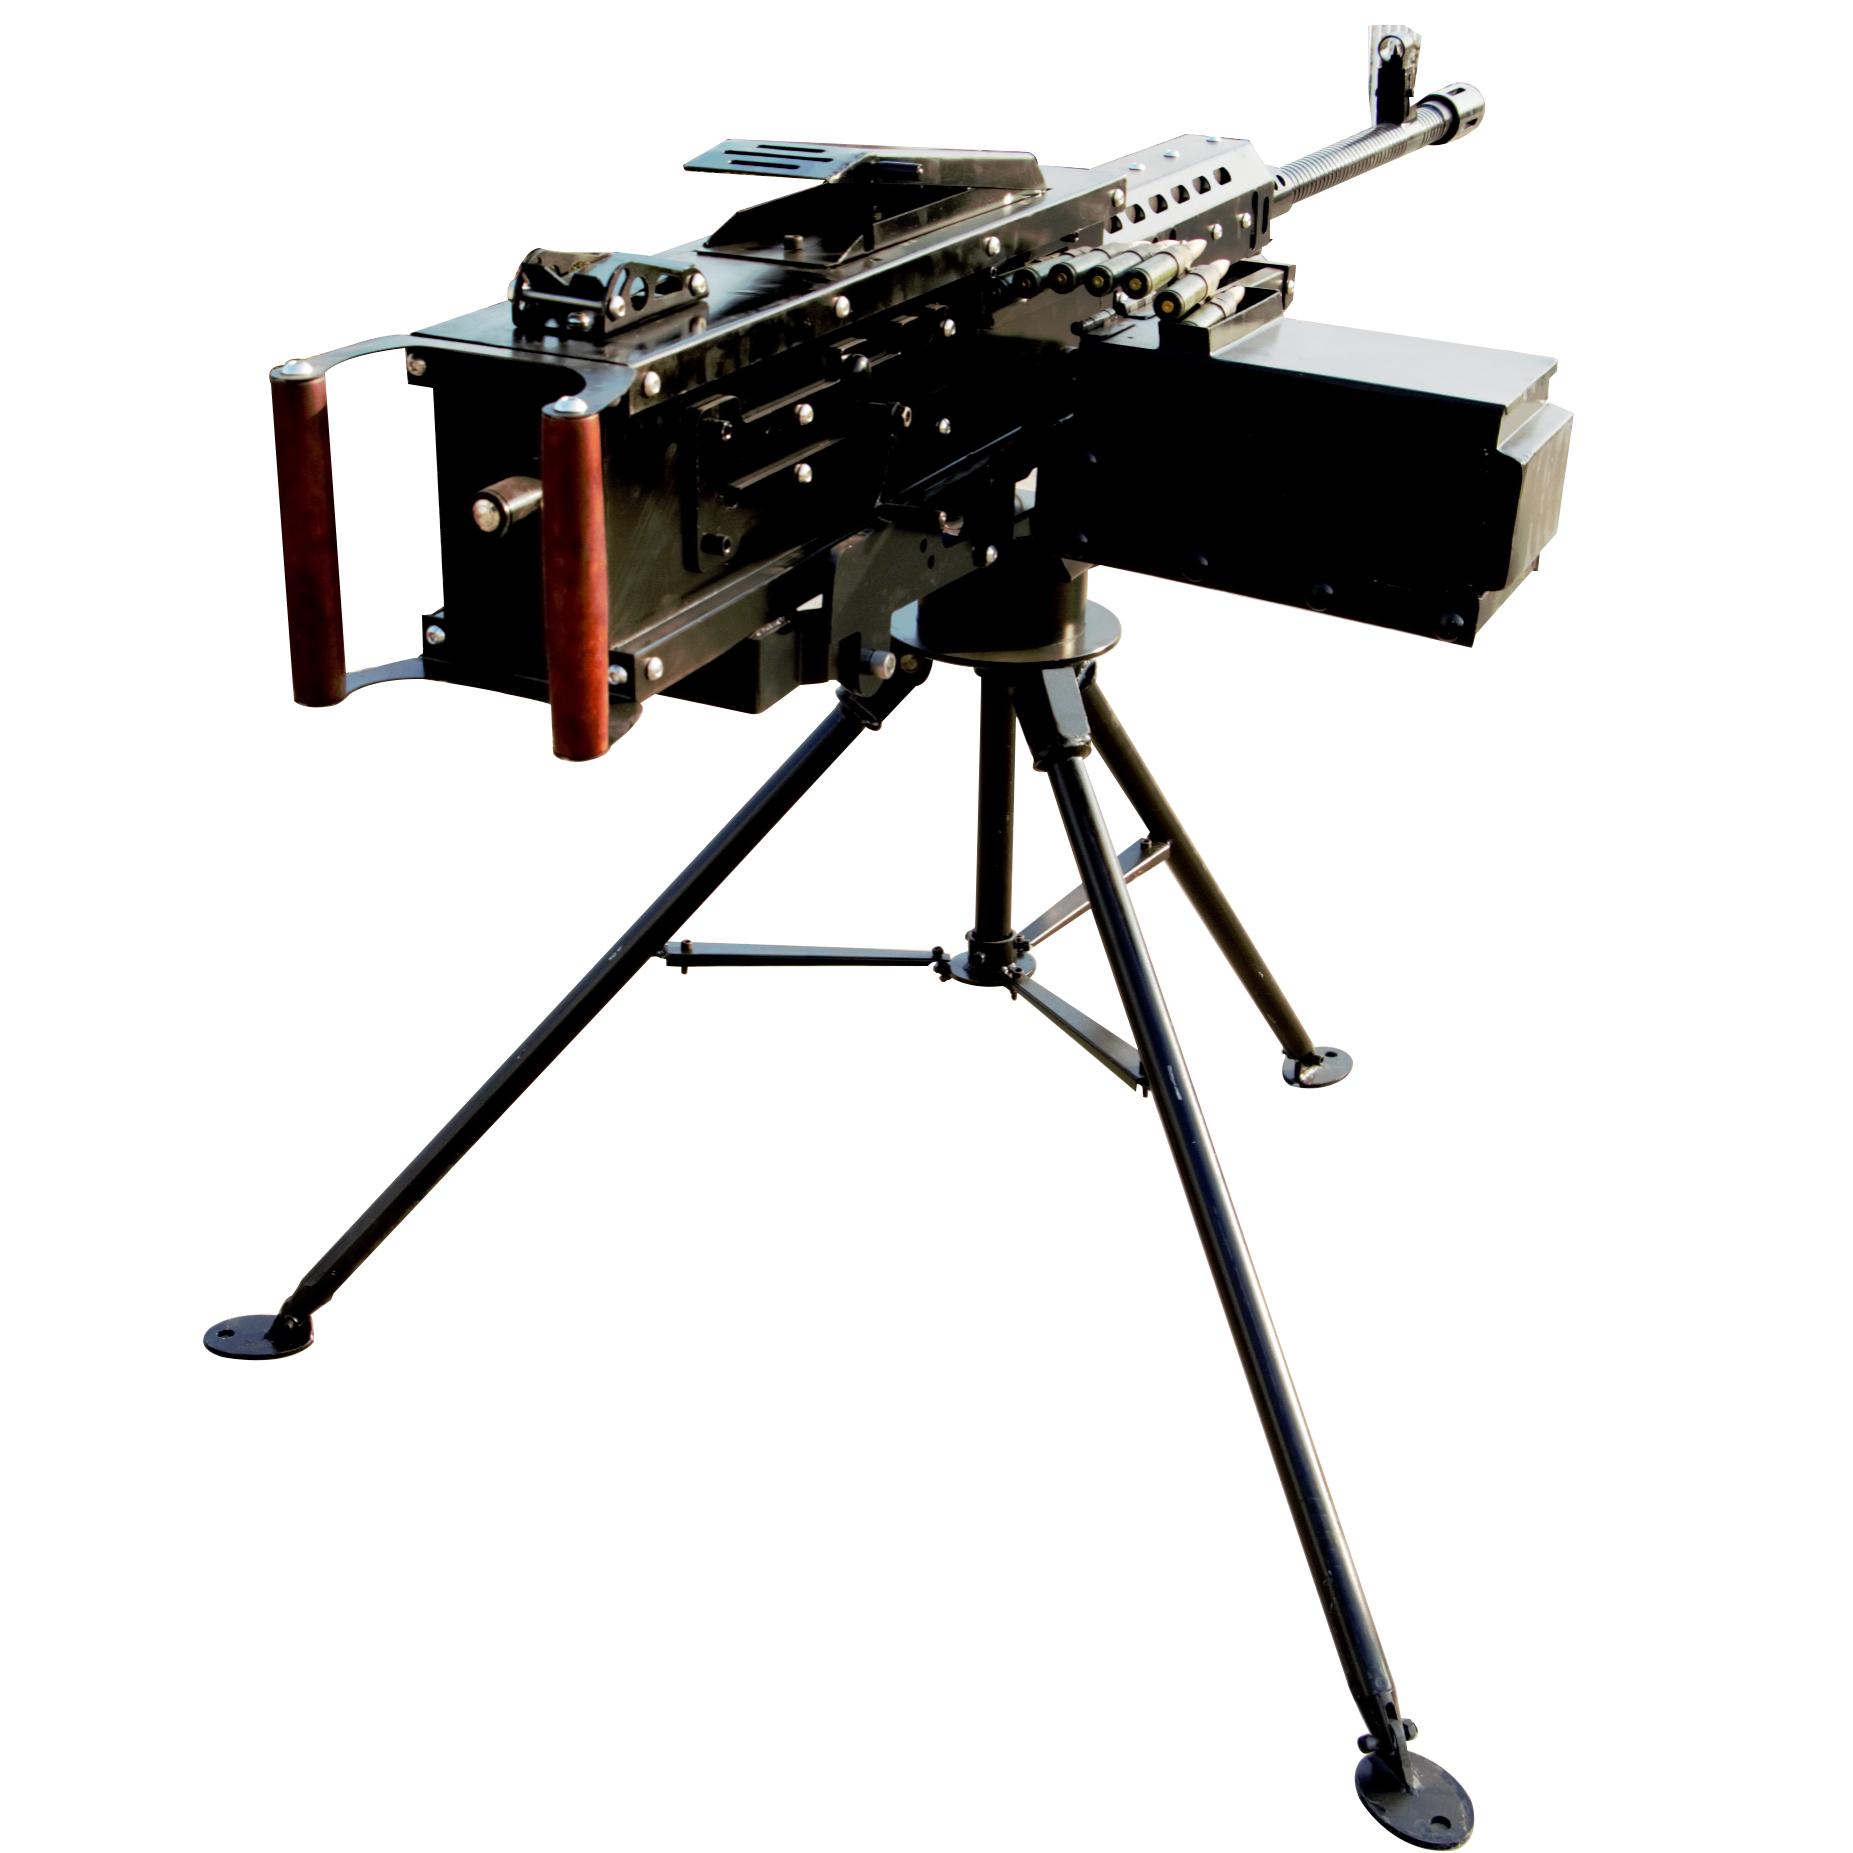 农家乐游乐气炮枪-公园新型实弹射击-广东气炮枪厂家提供